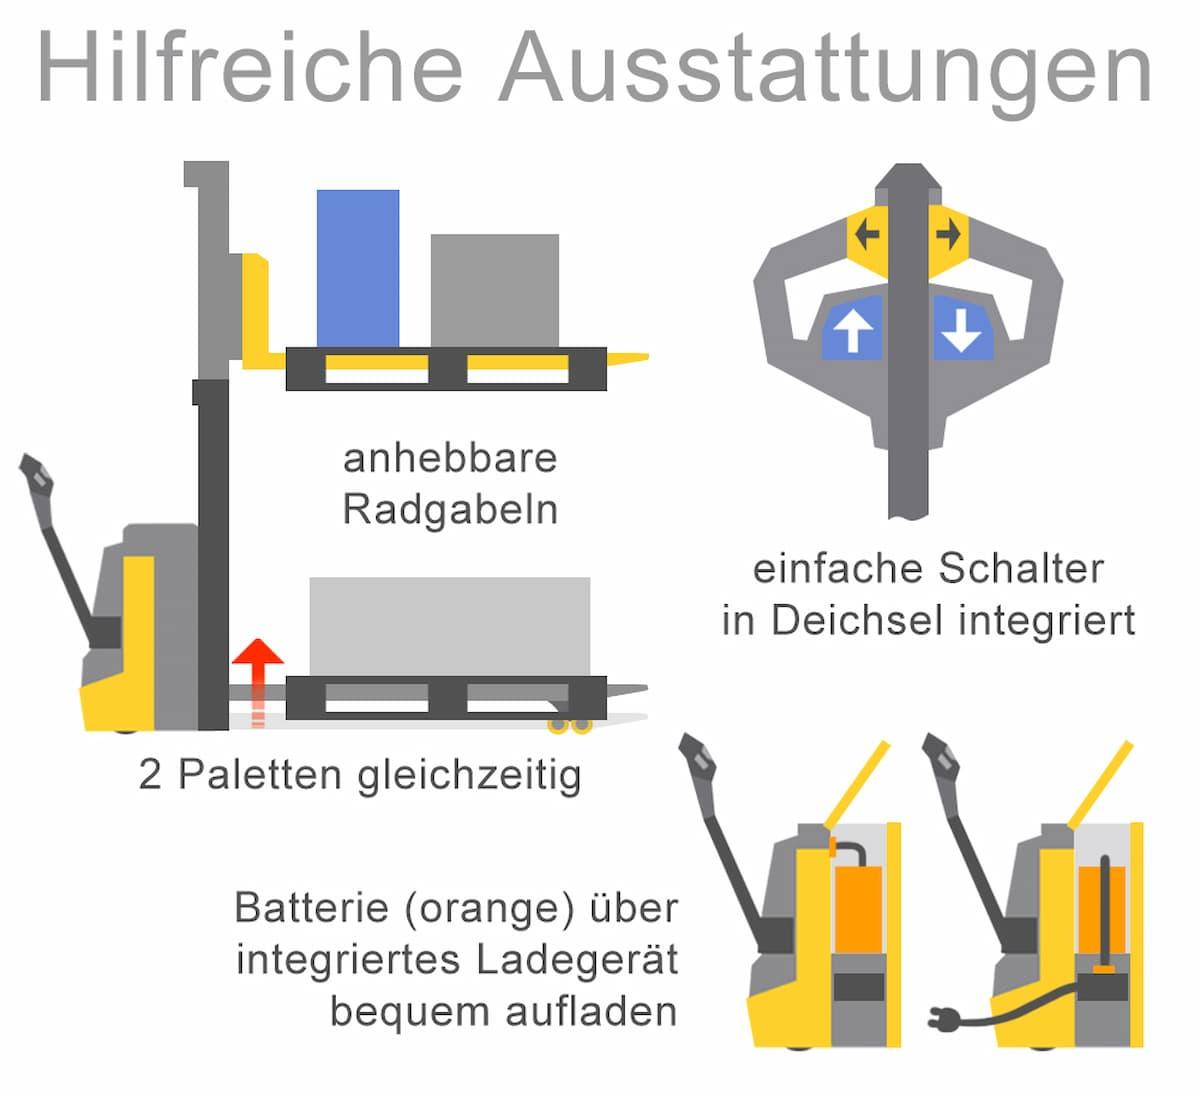 Elektrische Hochhubwagen: Hilfreiche Ausstattung